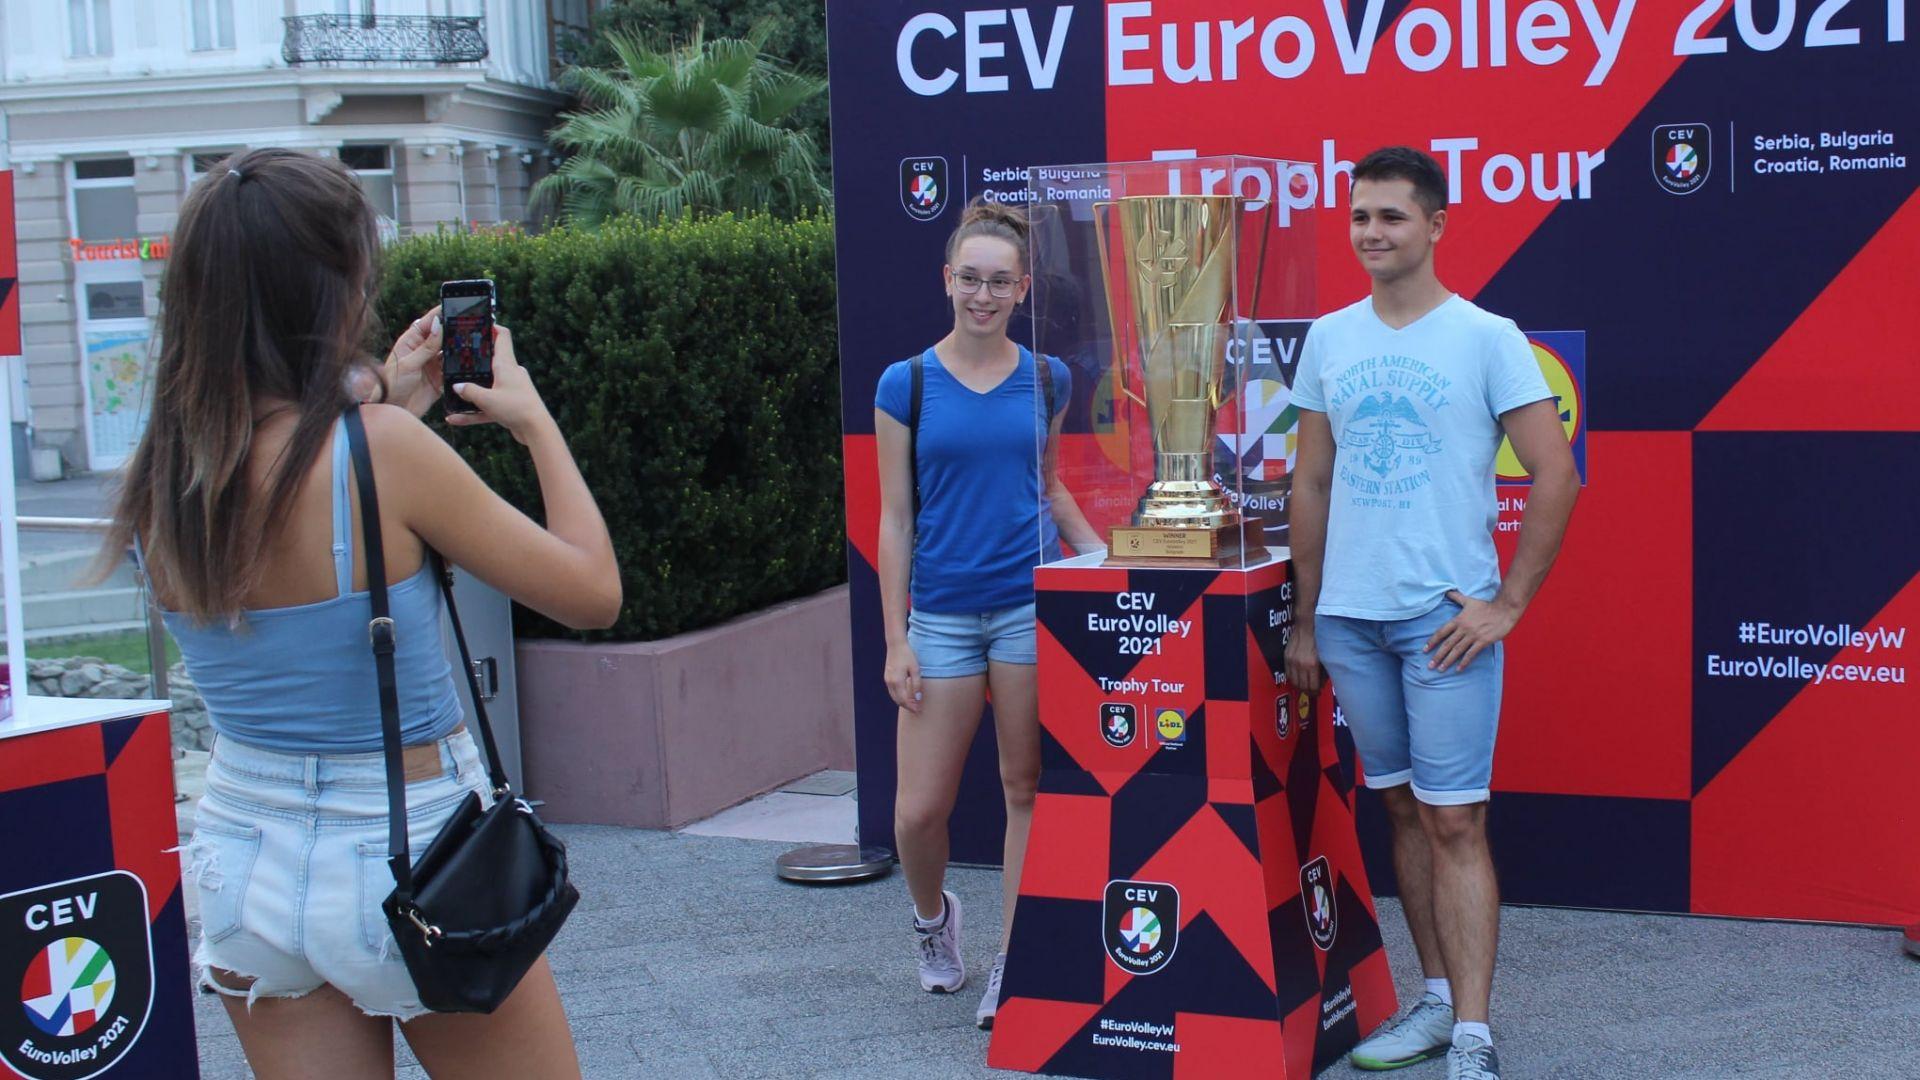 Стотици се снимаха с трофея на Евроволей 2021